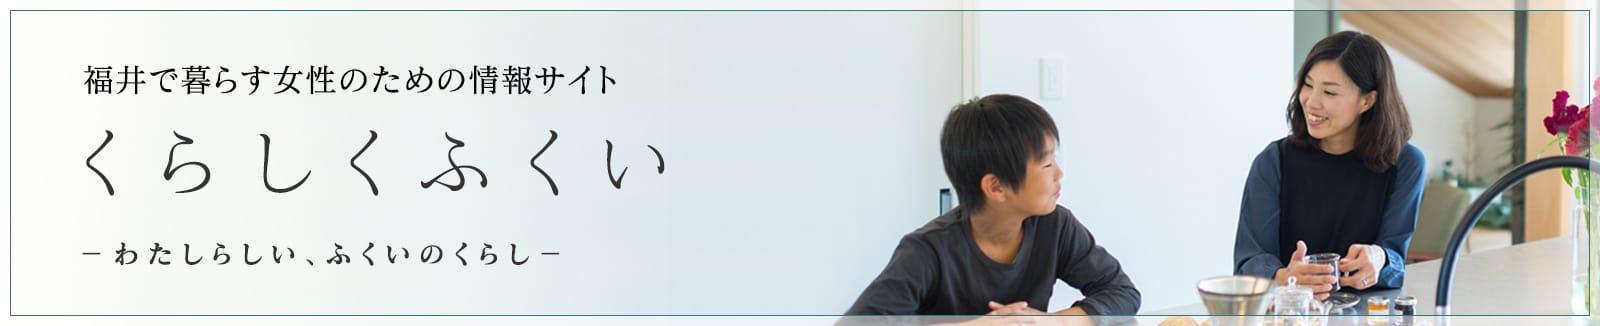 福井で暮らす女性のための情報サイト「くらしくふくい」